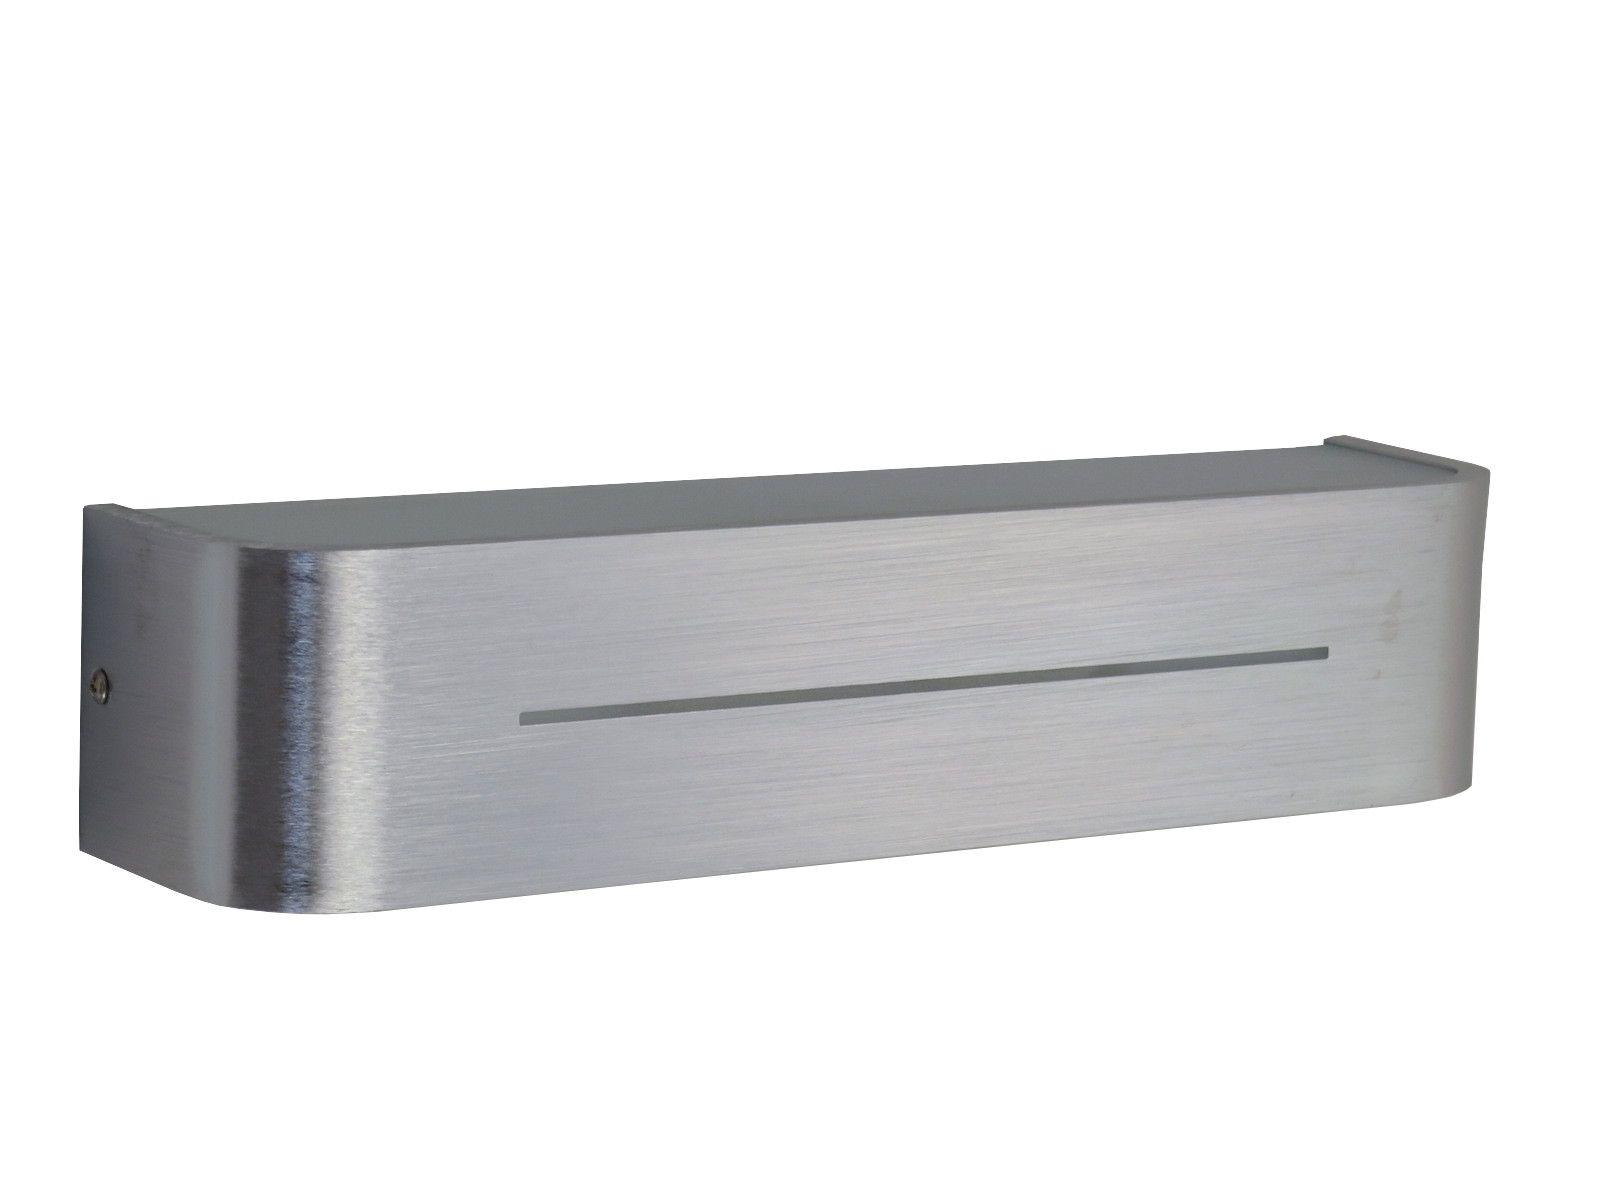 Applique moderno in alluminio 2 luci e14 max 40w cadauna